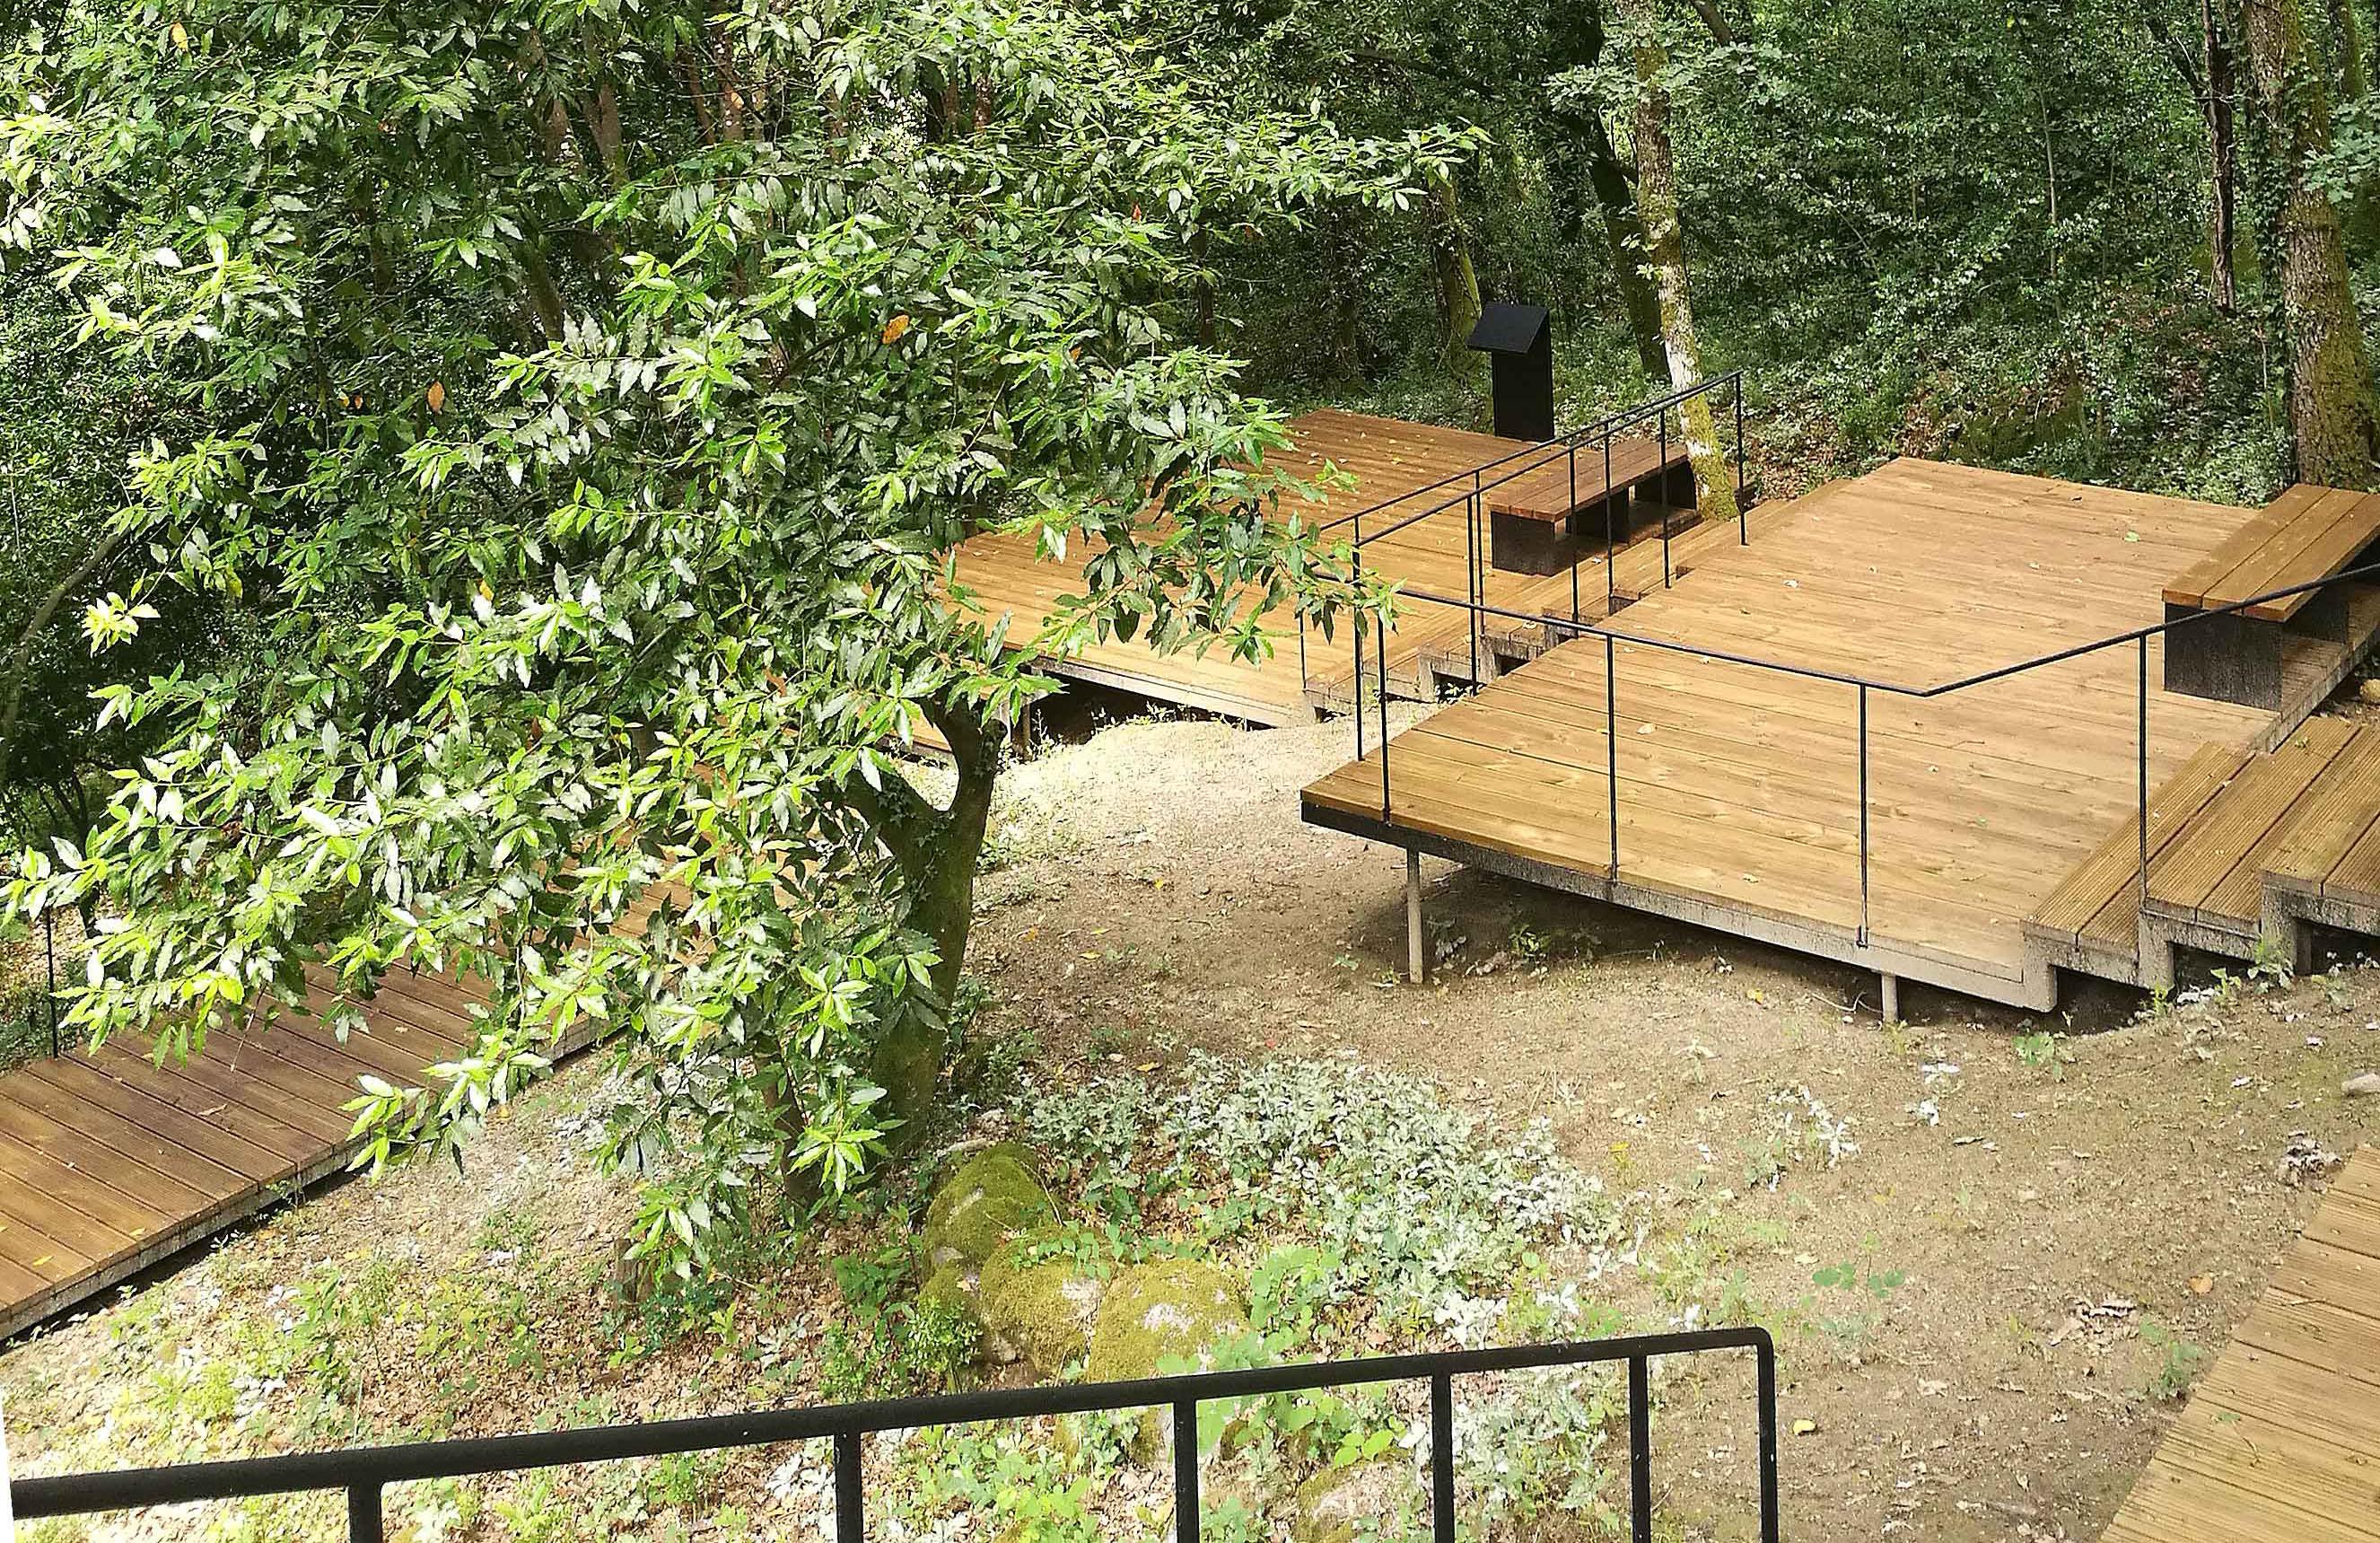 👀 ¡Proyecto en madera! ¡Sendero Peatonal! ¿Qué te parece el Sendero Peatonal de Müller Feijoo, Müller Feijoo? El proyecto creado en las cercanías del Balneario de Cortegada (Orense) propone un recorrido por el bosque 🌳 a través de la construcción de pequeñas pasarelas de madera. 🌱 ¿Quieres conocer más? Descubre este proyecto y su entorno inigualable 👆. #woodlover #wooddesign #proyecto #profesionaldelamadera #woodiswood #growth